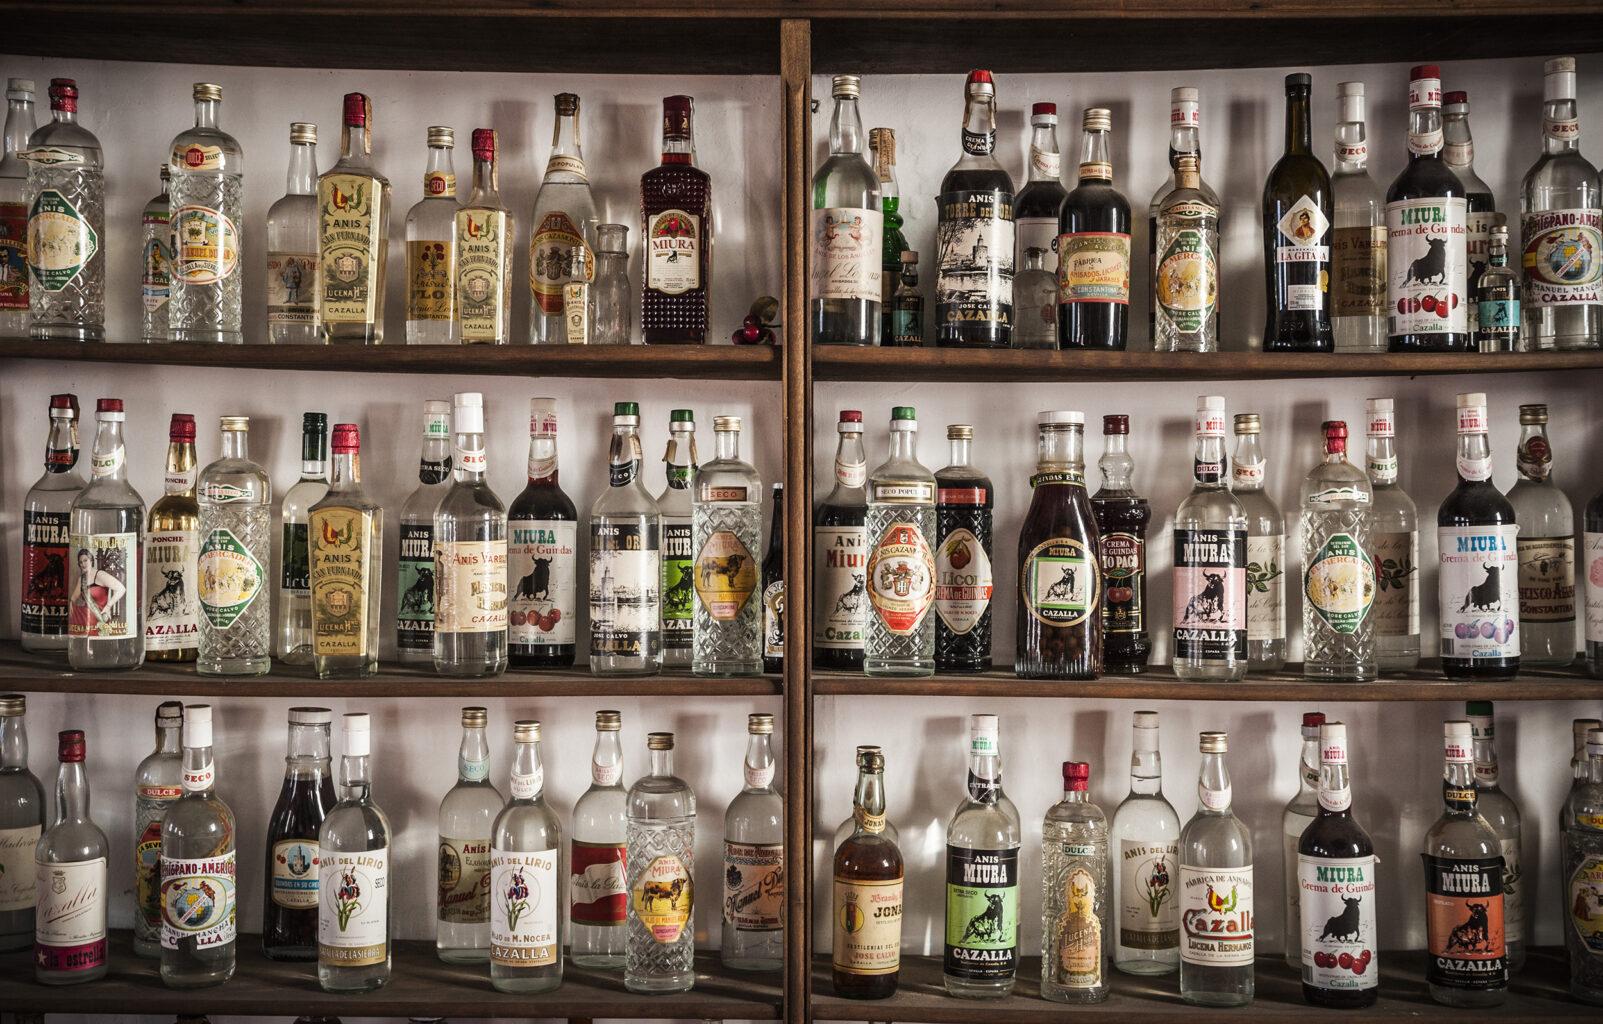 Bodegón de botellas de licor Miura